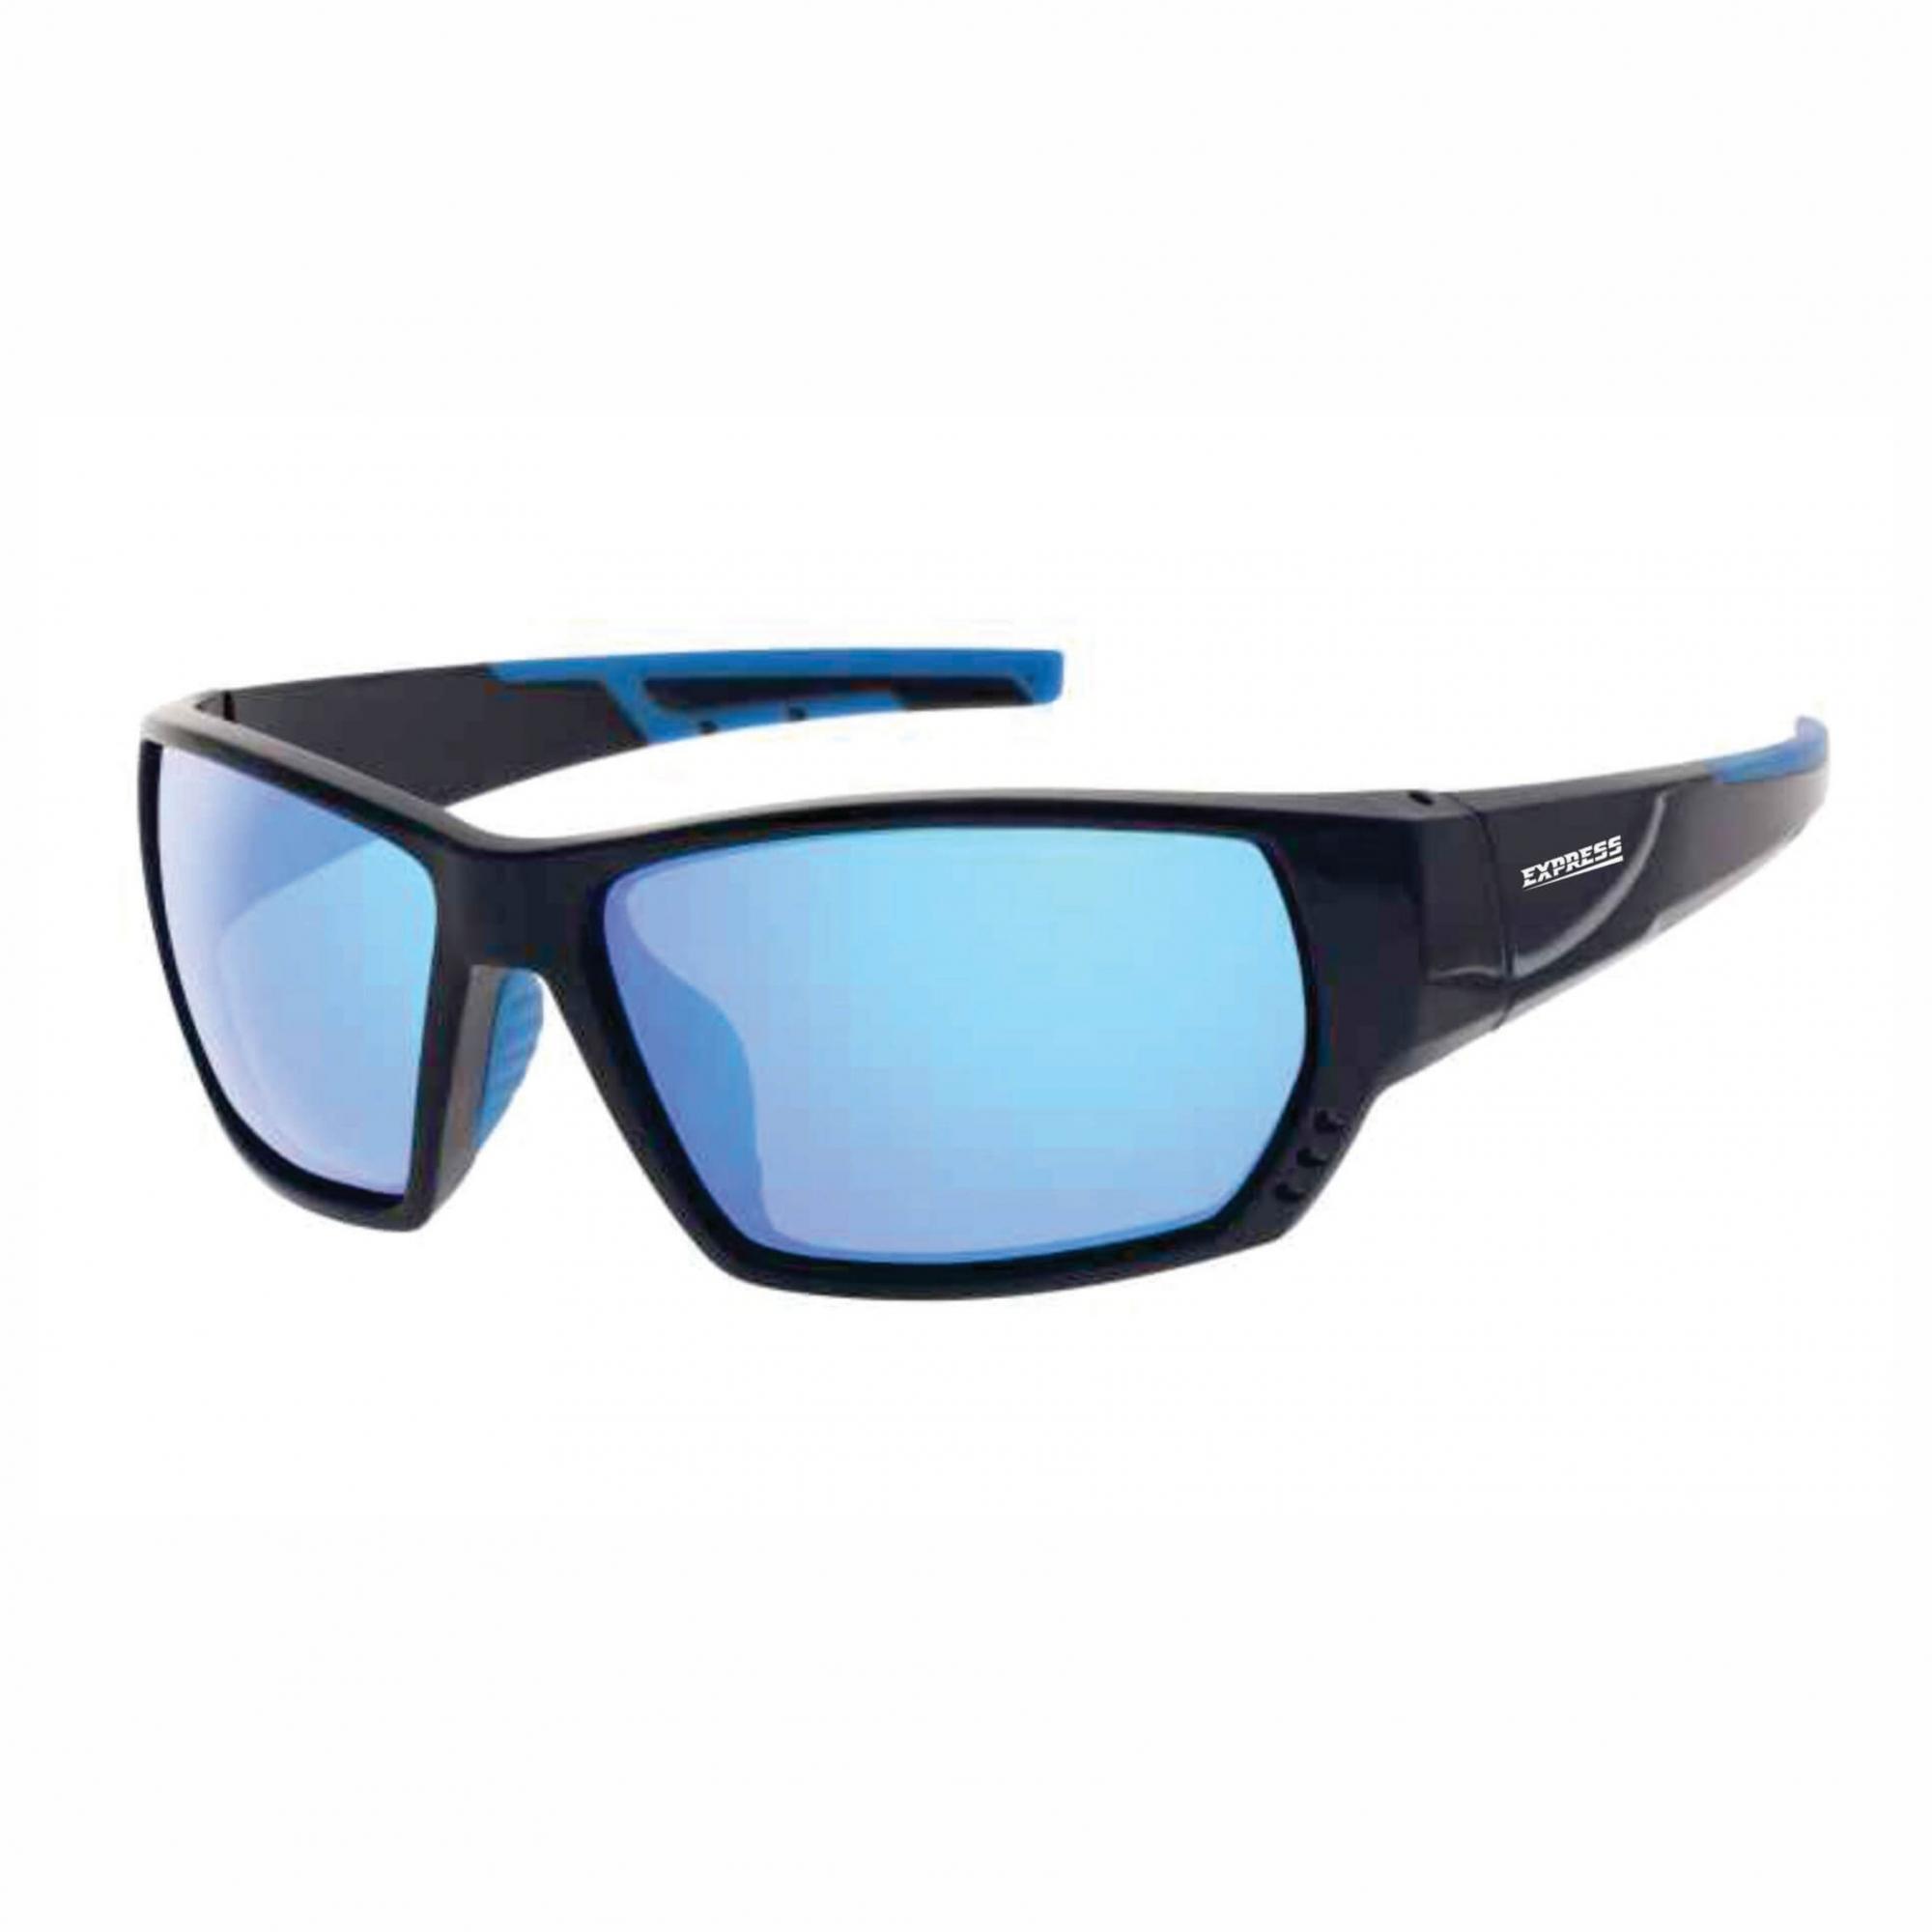 Óculos de Sol Polarizado Express Cação Azul Espelhado  - Pesca Adventure